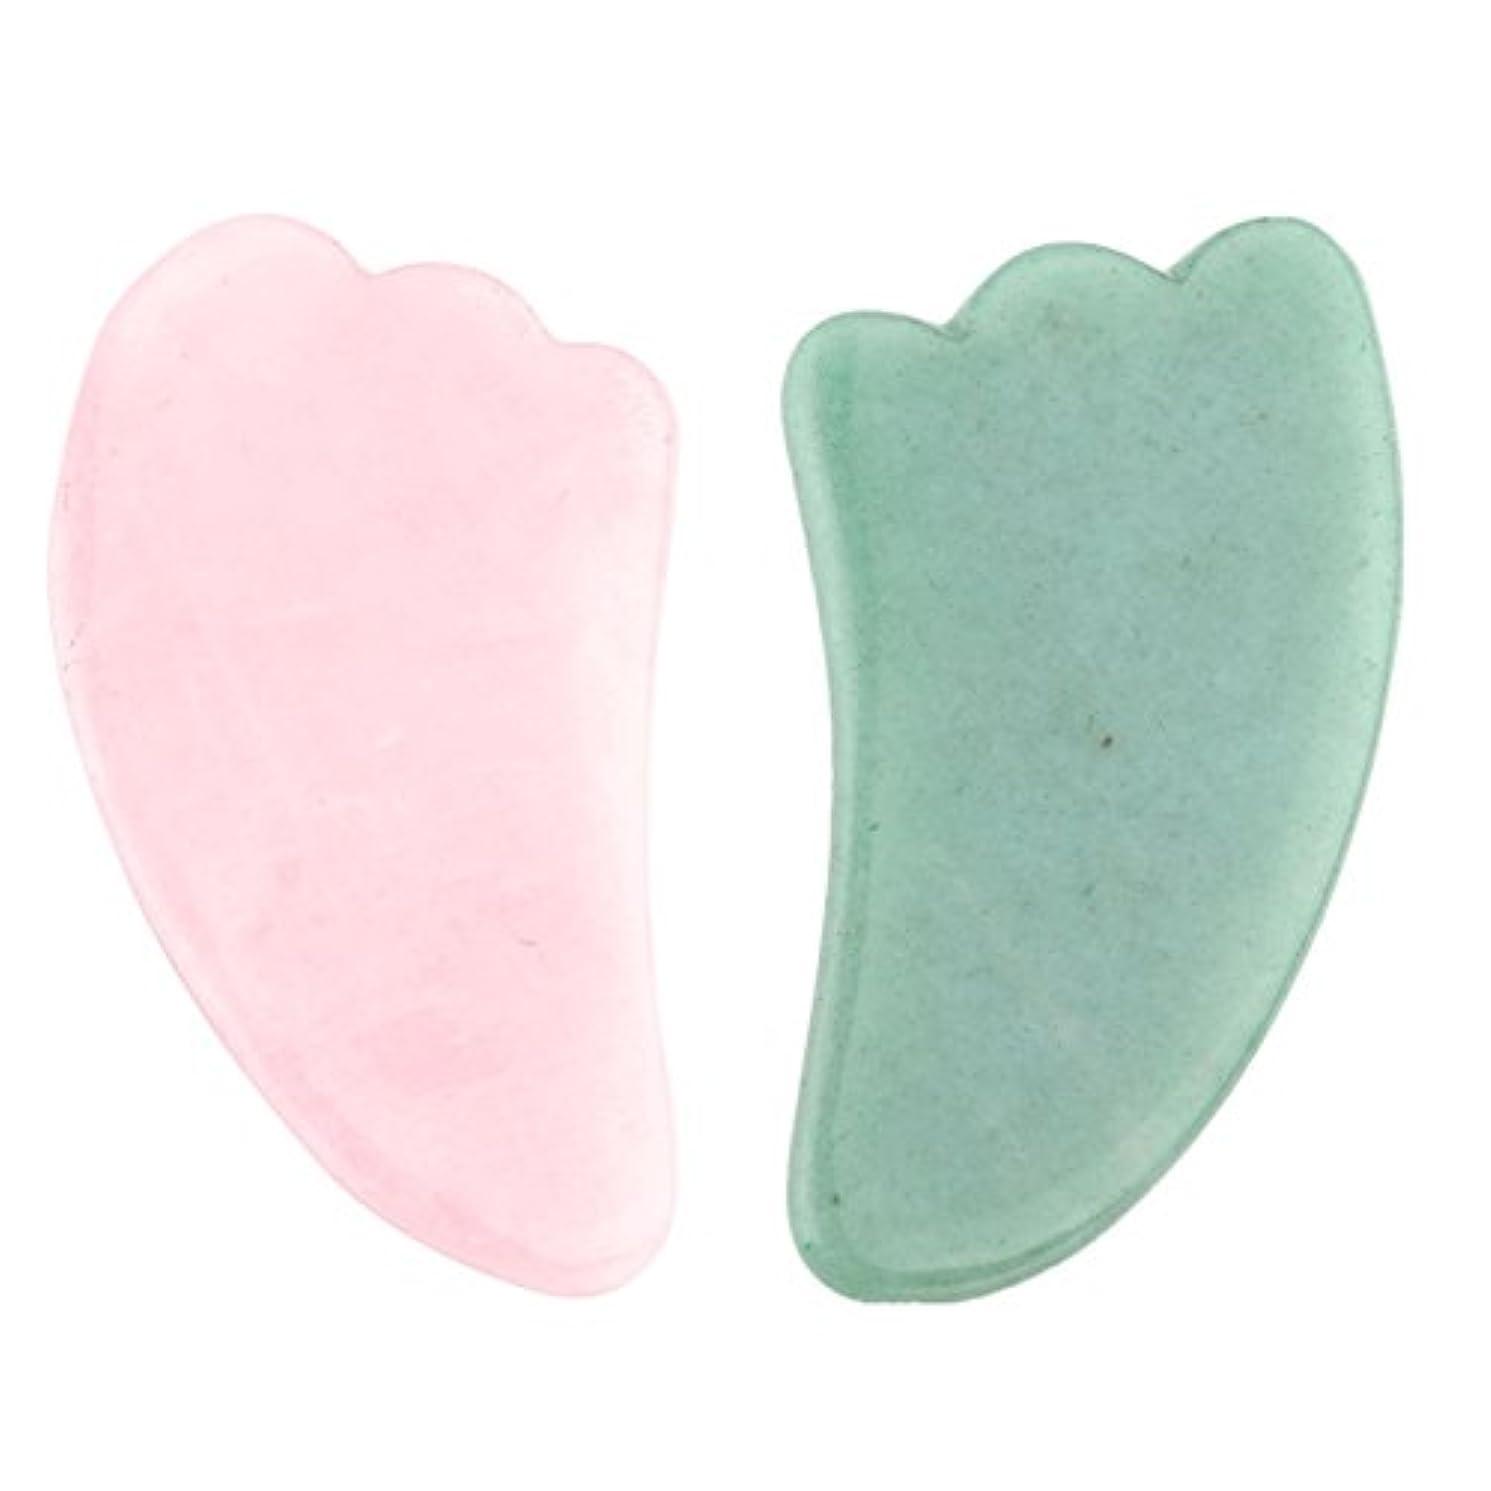 に応じてまろやかなマトリックス2点セット2pcsFace/Body Massage rose quartz/Adventurine Natual Gua Sha wing shape 羽型/翼形状かっさプレート 天然石ローズクォーツ 翡翠,顔?ボディ...